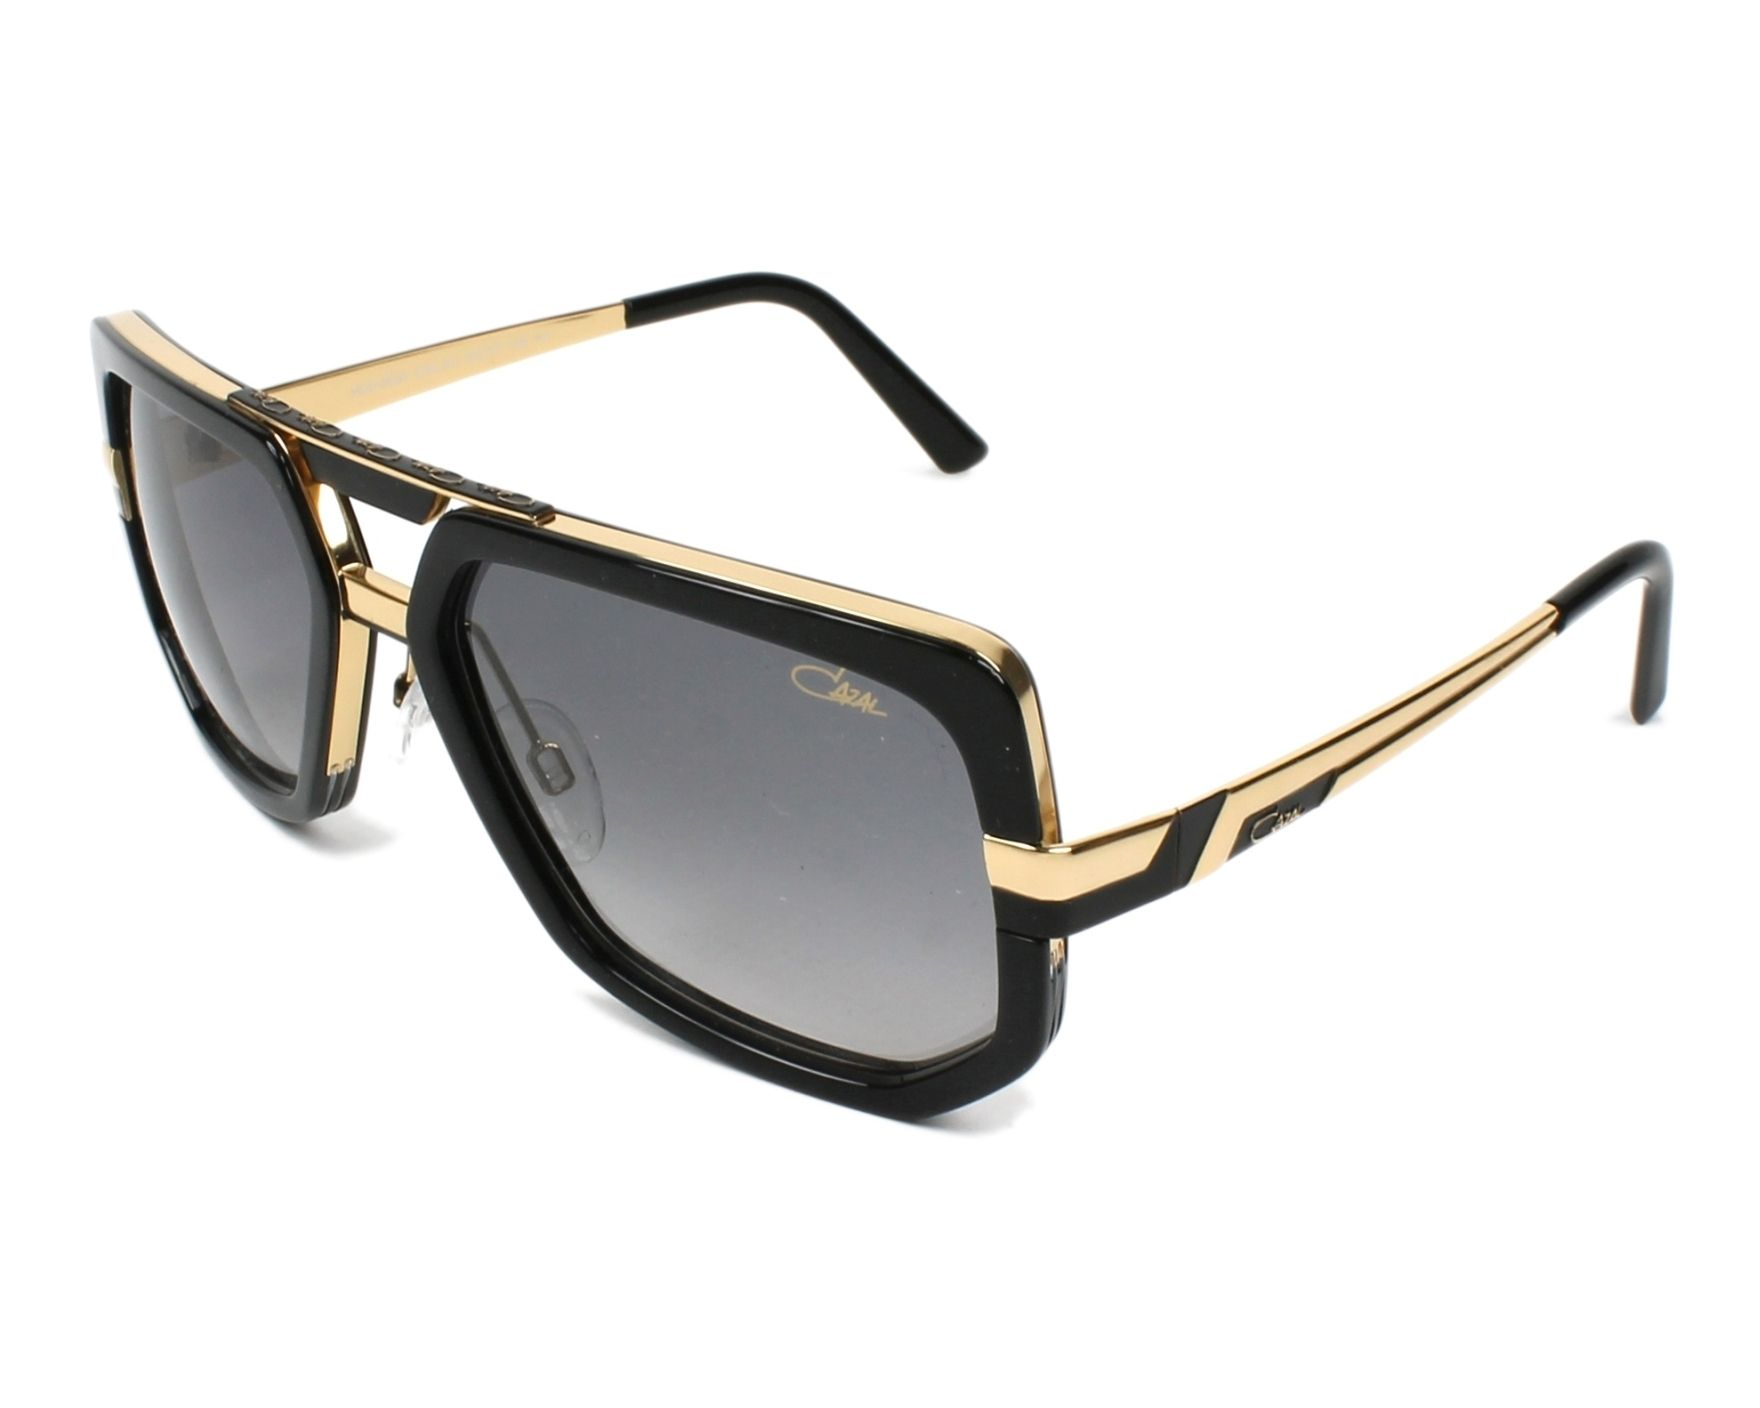 lunettes de soleil cazal 662 3 001 noir avec des verres gris. Black Bedroom Furniture Sets. Home Design Ideas